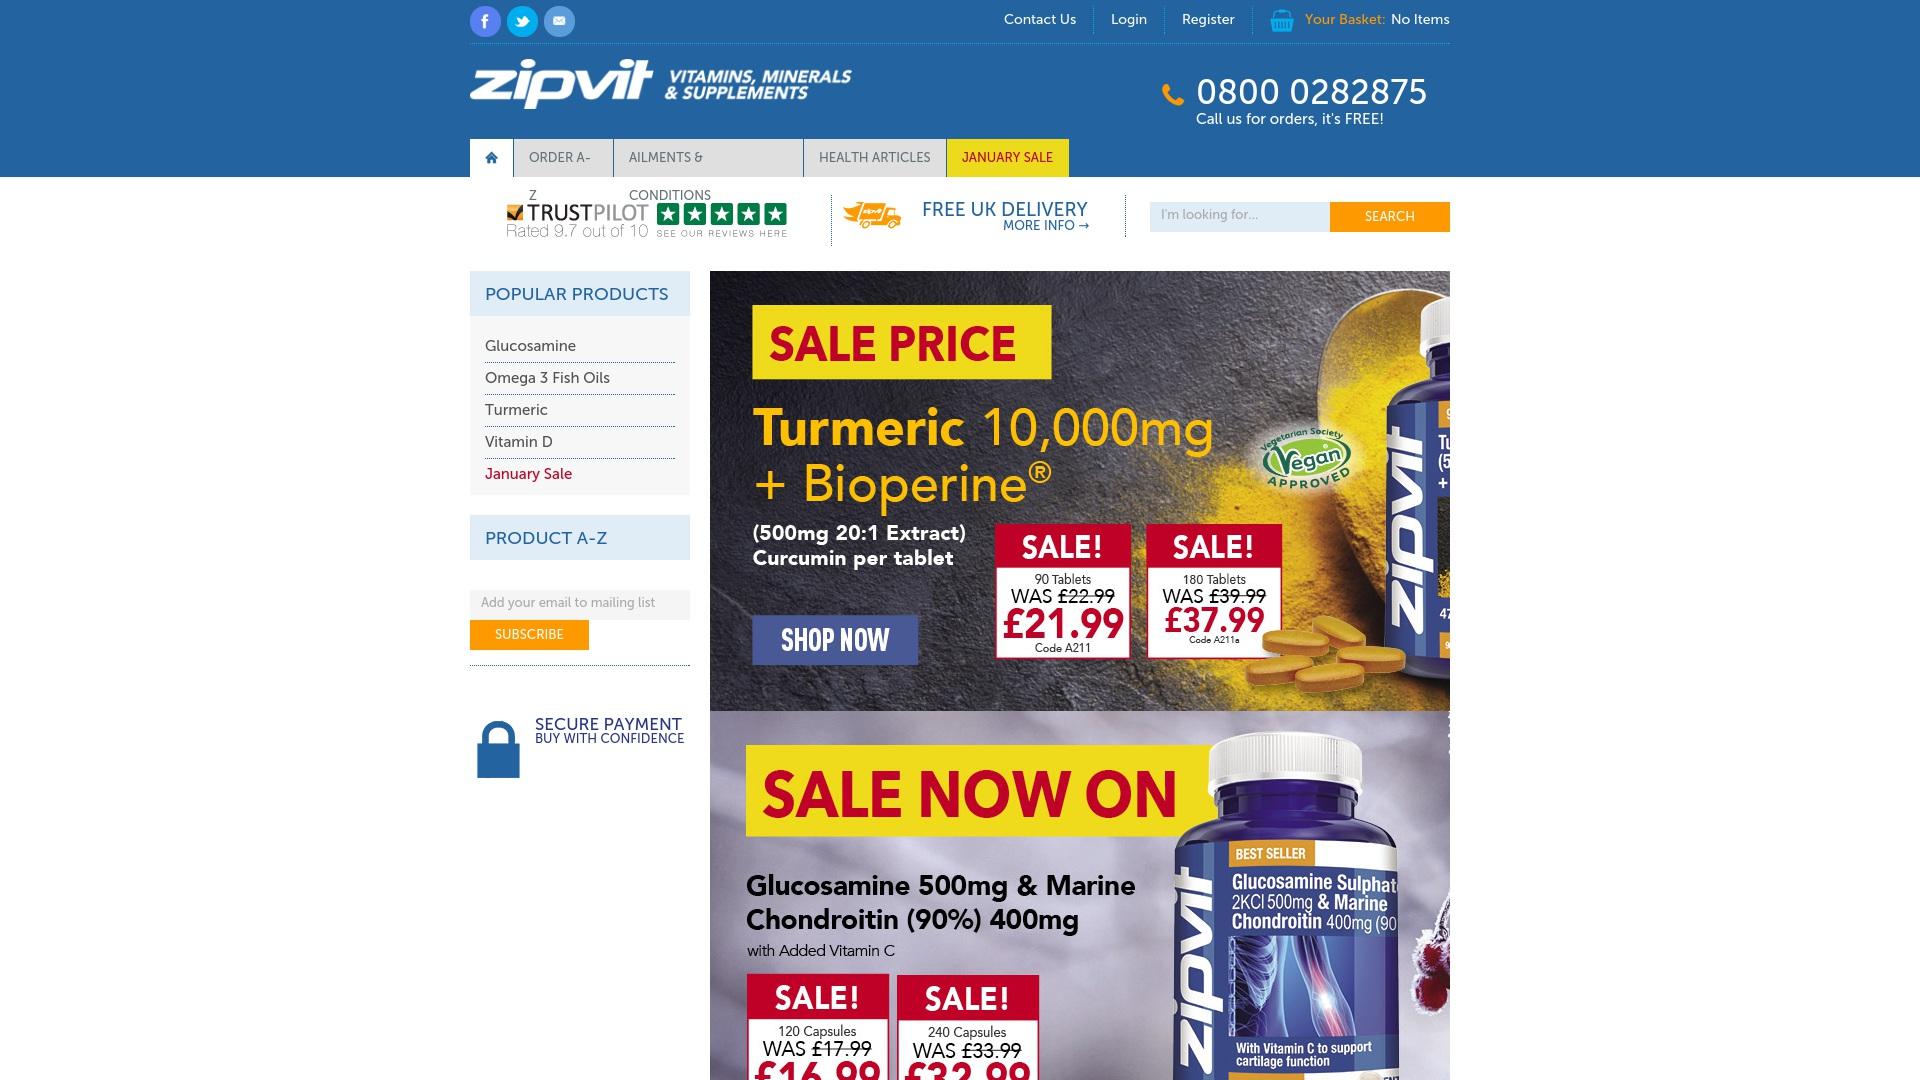 Gutschein für Zipvit: Rabatte für  Zipvit sichern